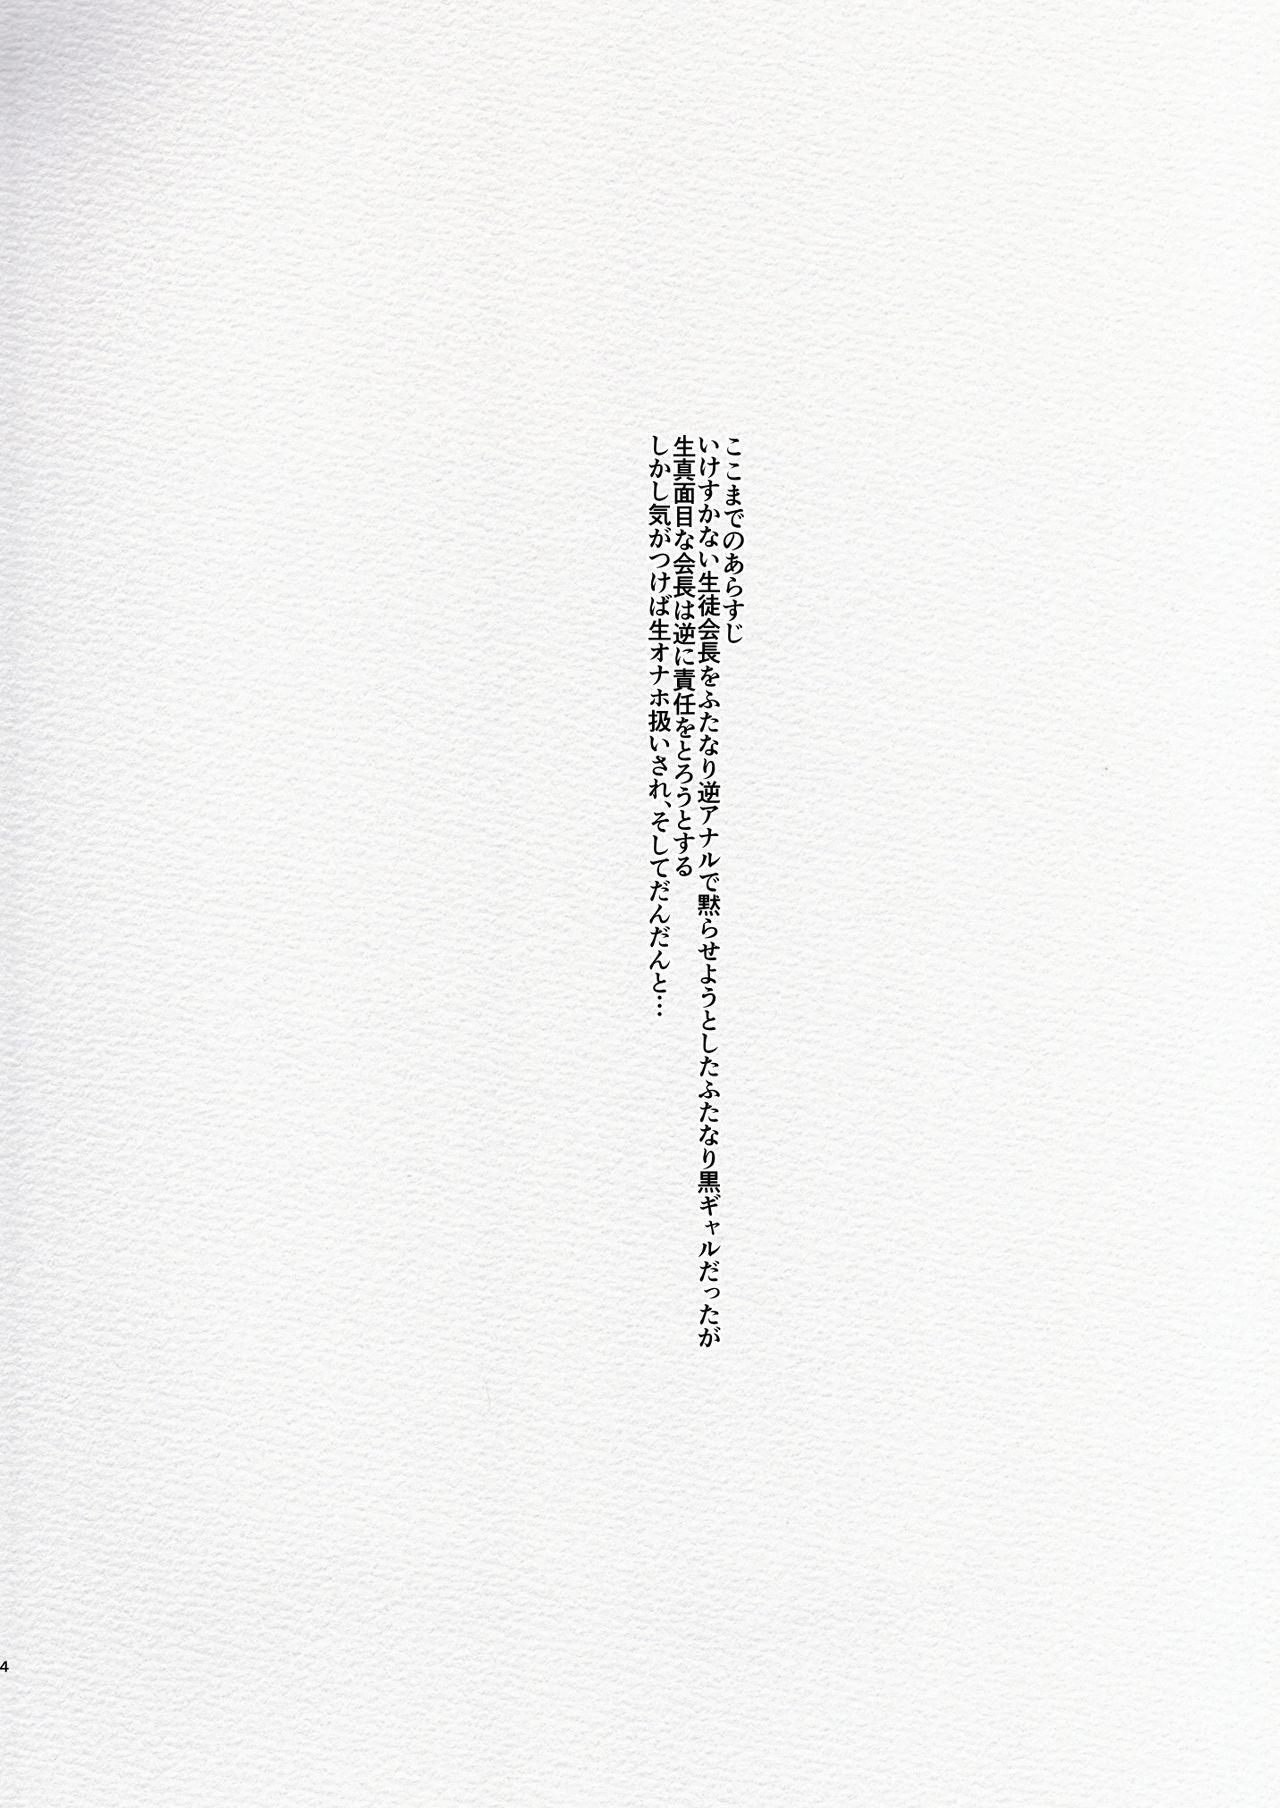 Futanari Kyokon Kuro Gal Kanojo to Benkyou Oheya Date da to Omottara Soku Onaho Atsukai Fukujuu Gyaku Anal nante... 3